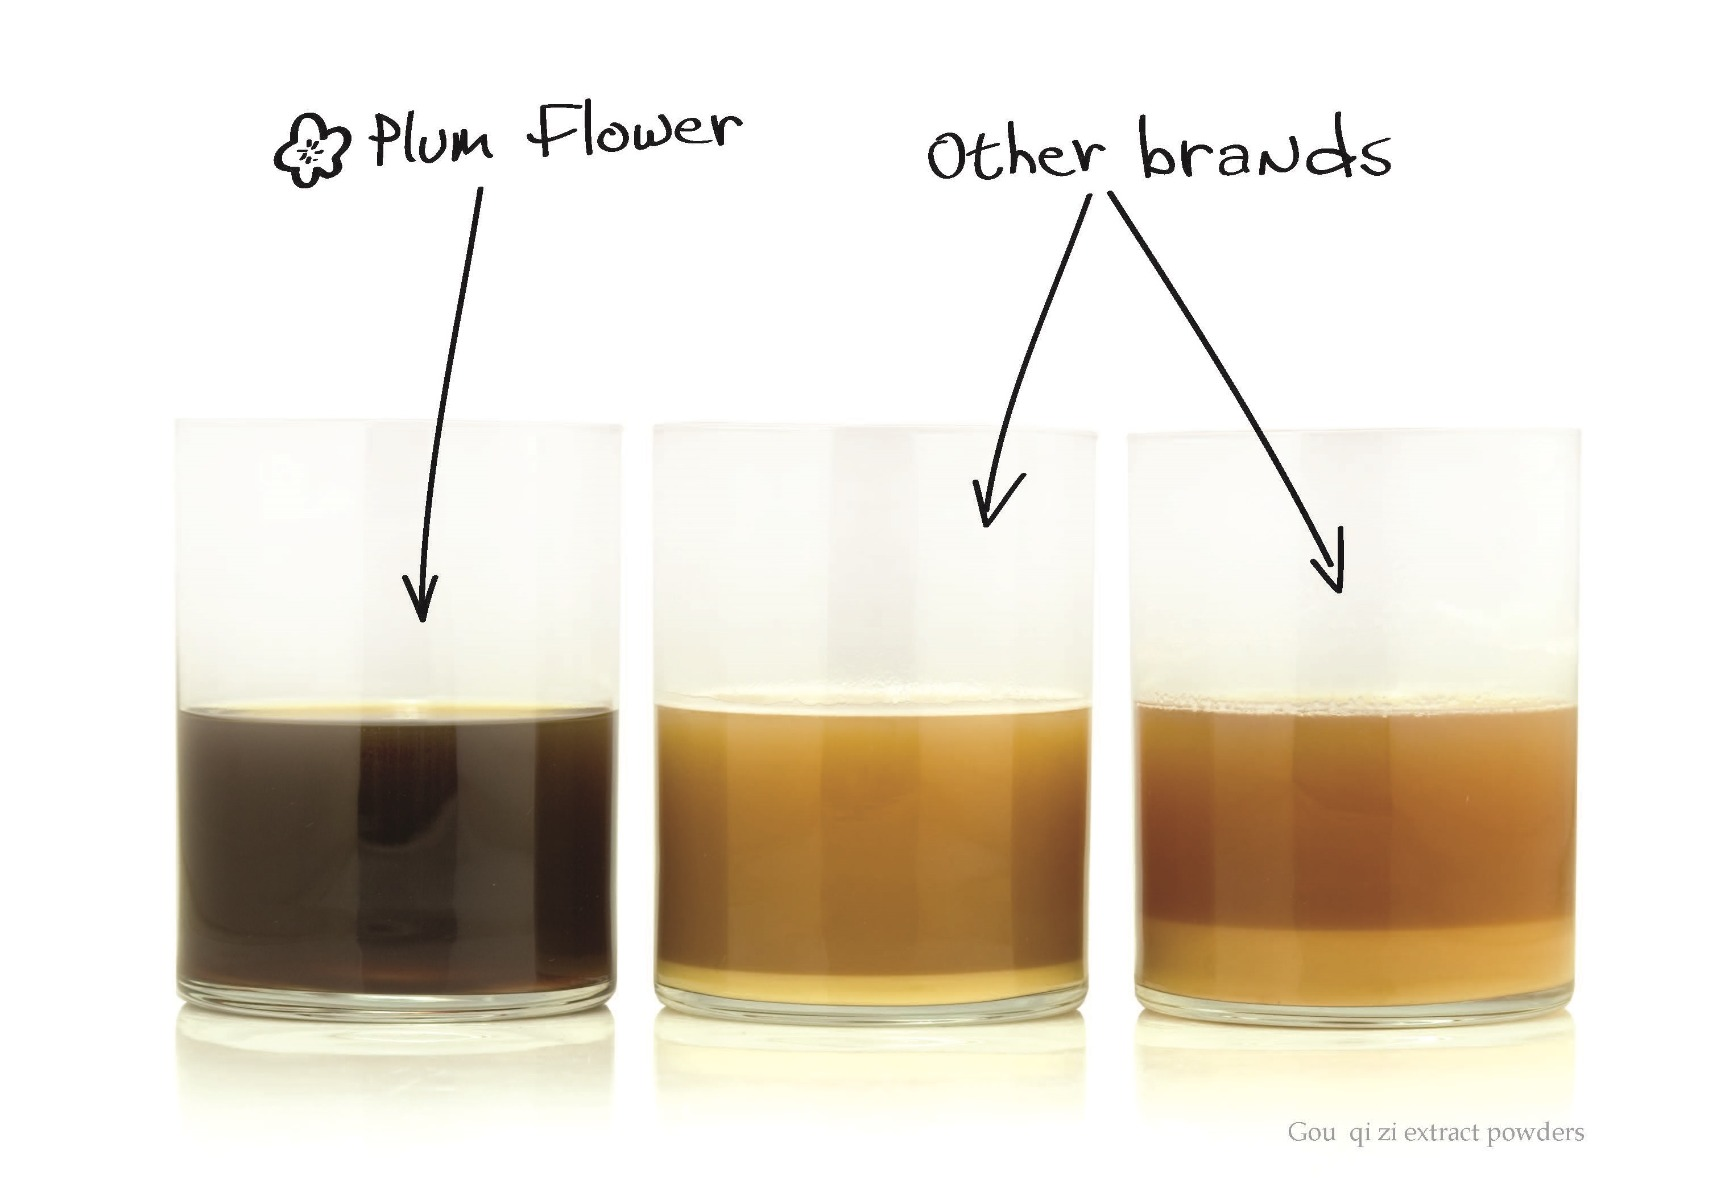 Plum Flower extract powder no filler